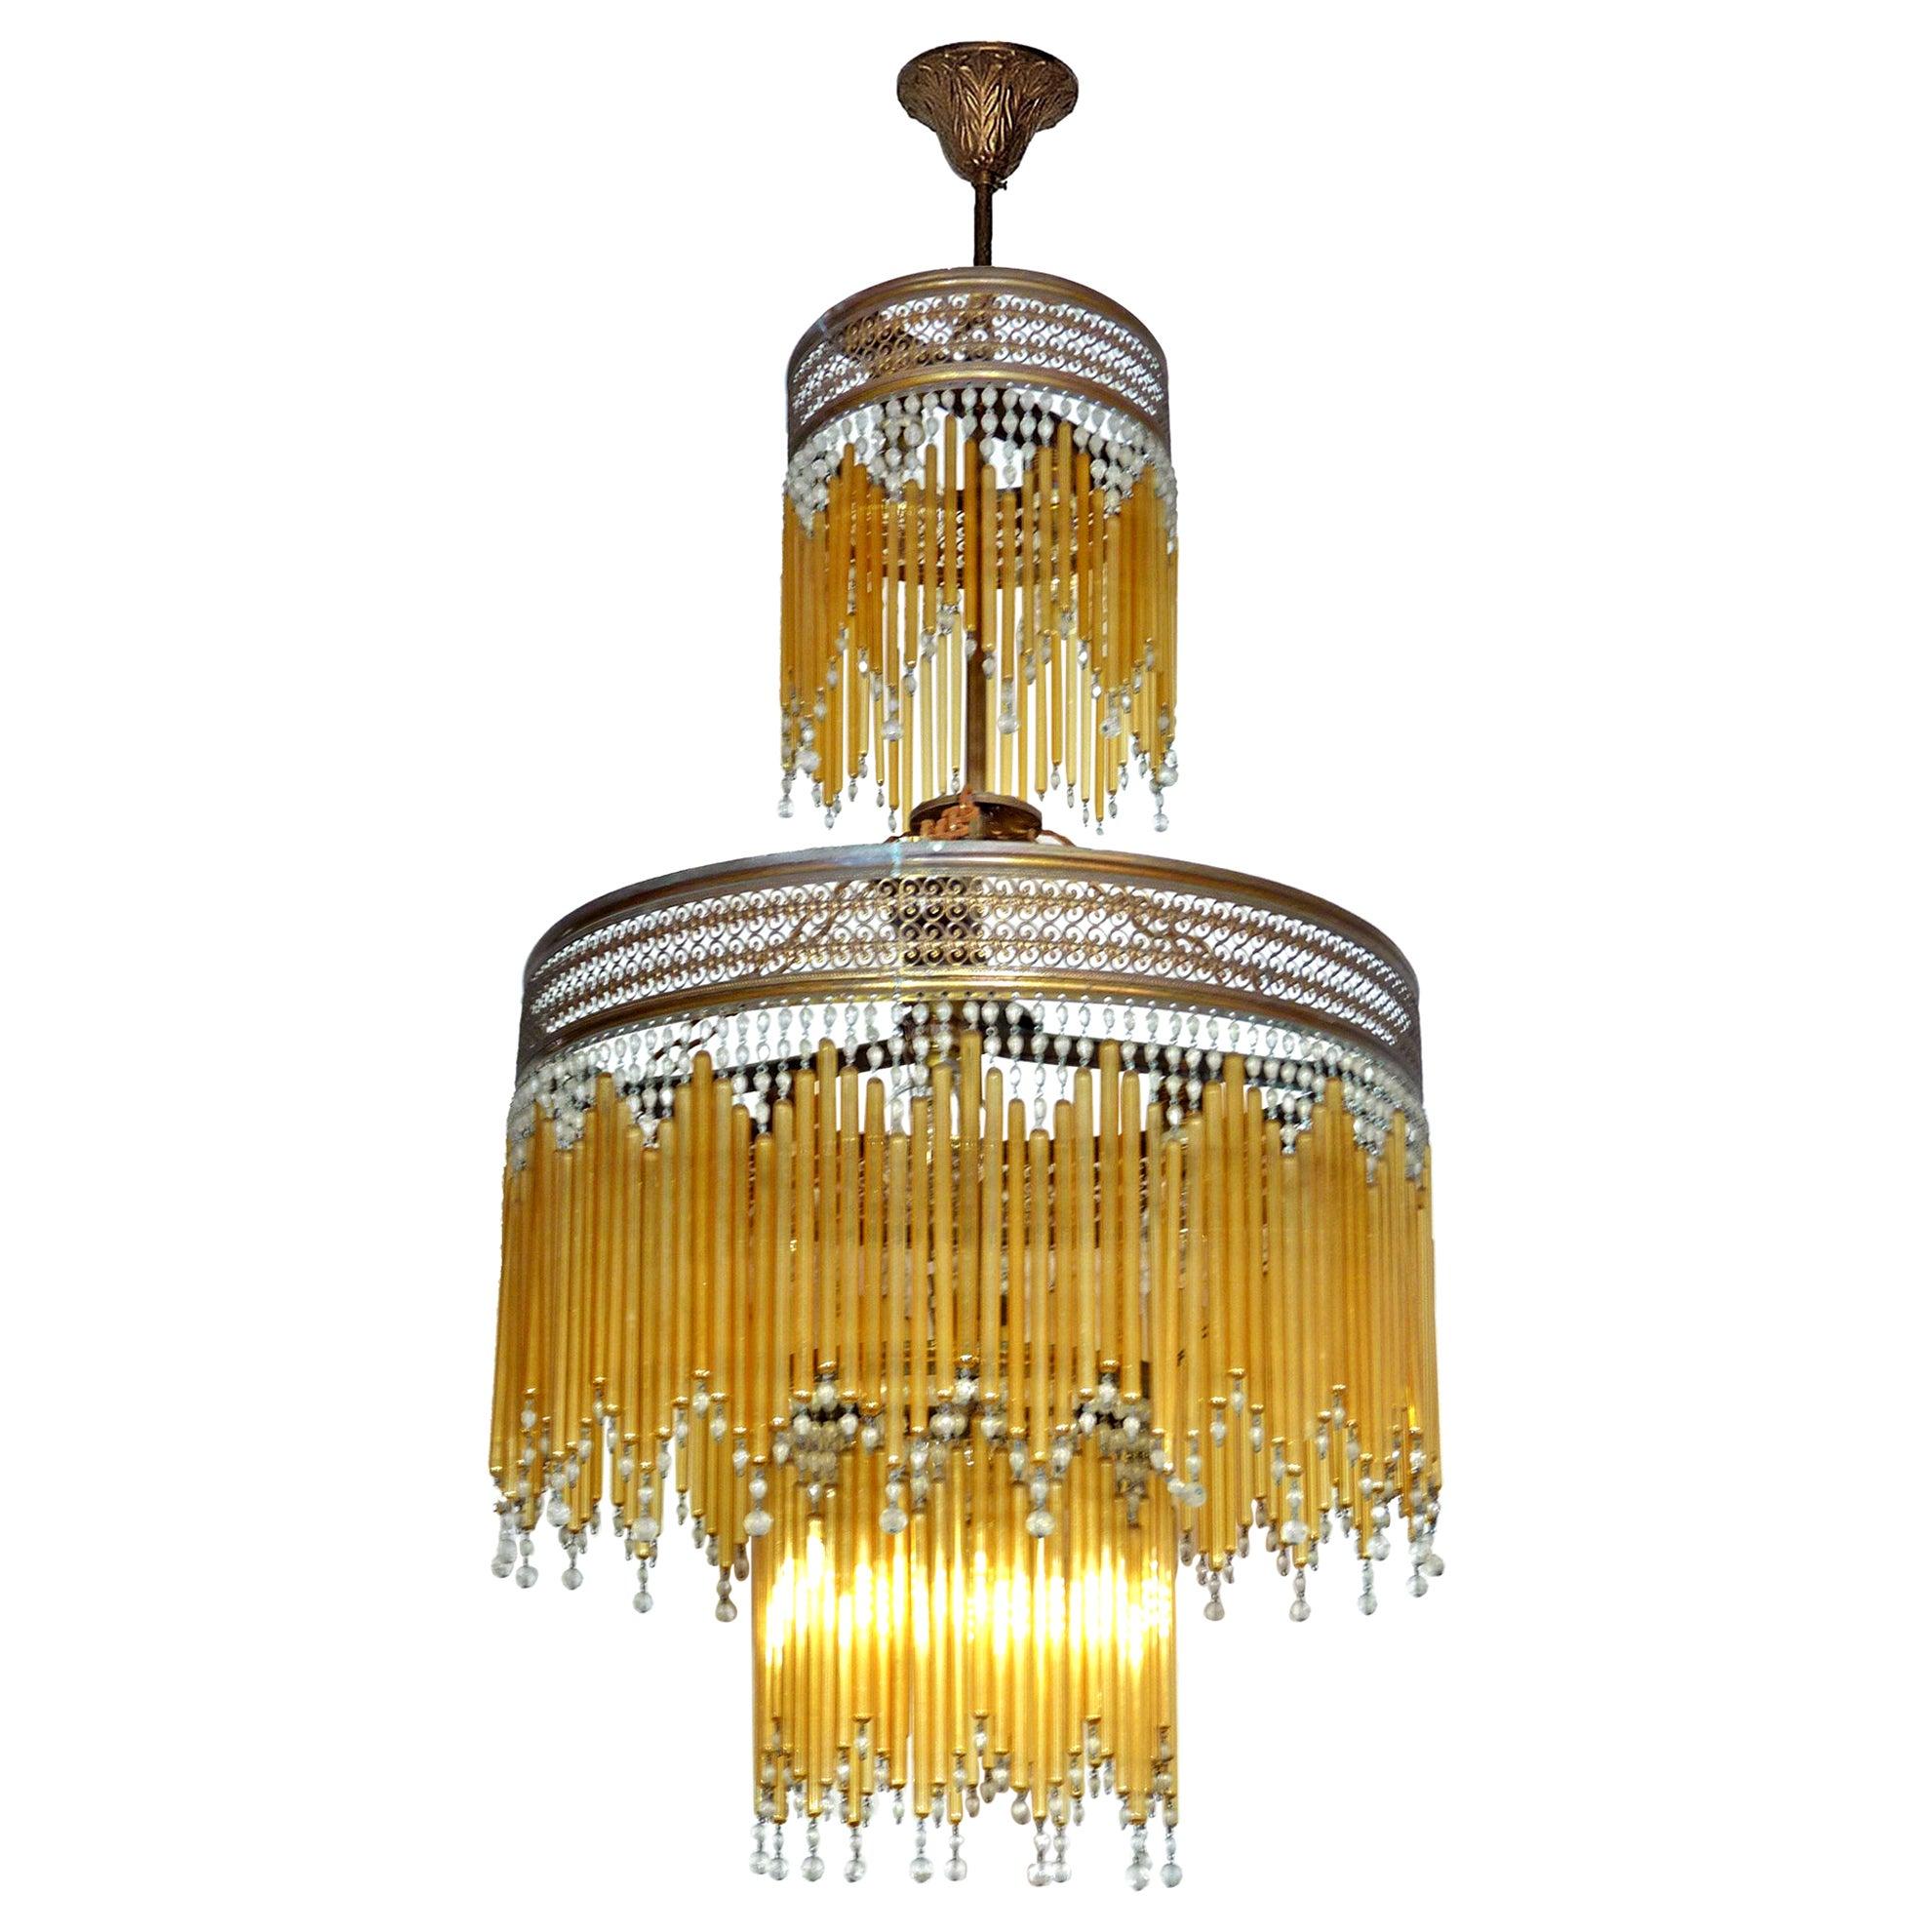 French Art Deco & Art Nouveau Beaded Amber Glass Fringe Gilt 6-Light Chandelier